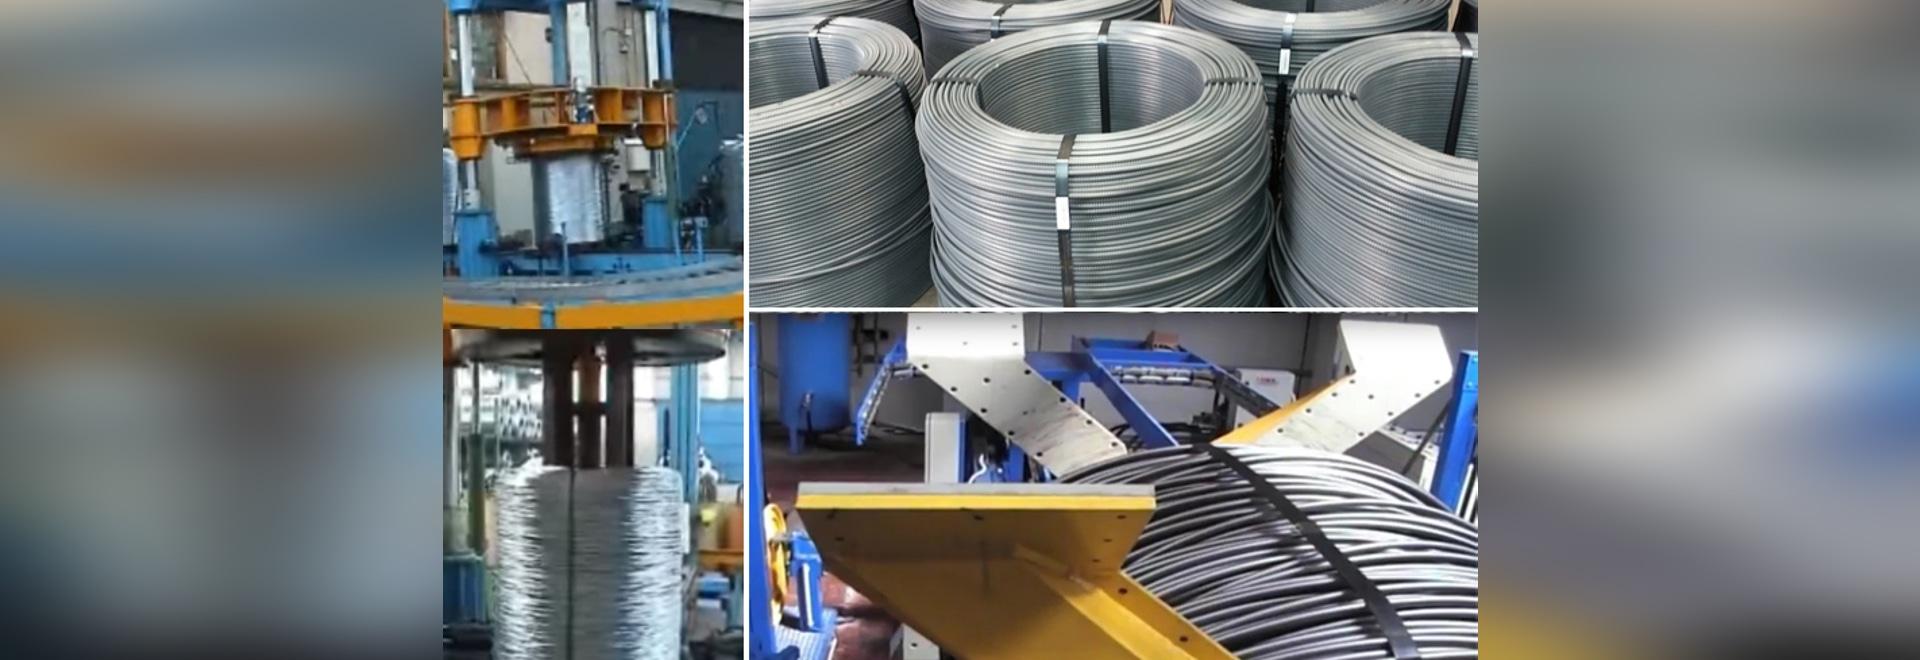 automatique-emballage-machine-pour-fil-tige-bobine-rendre-et-bande